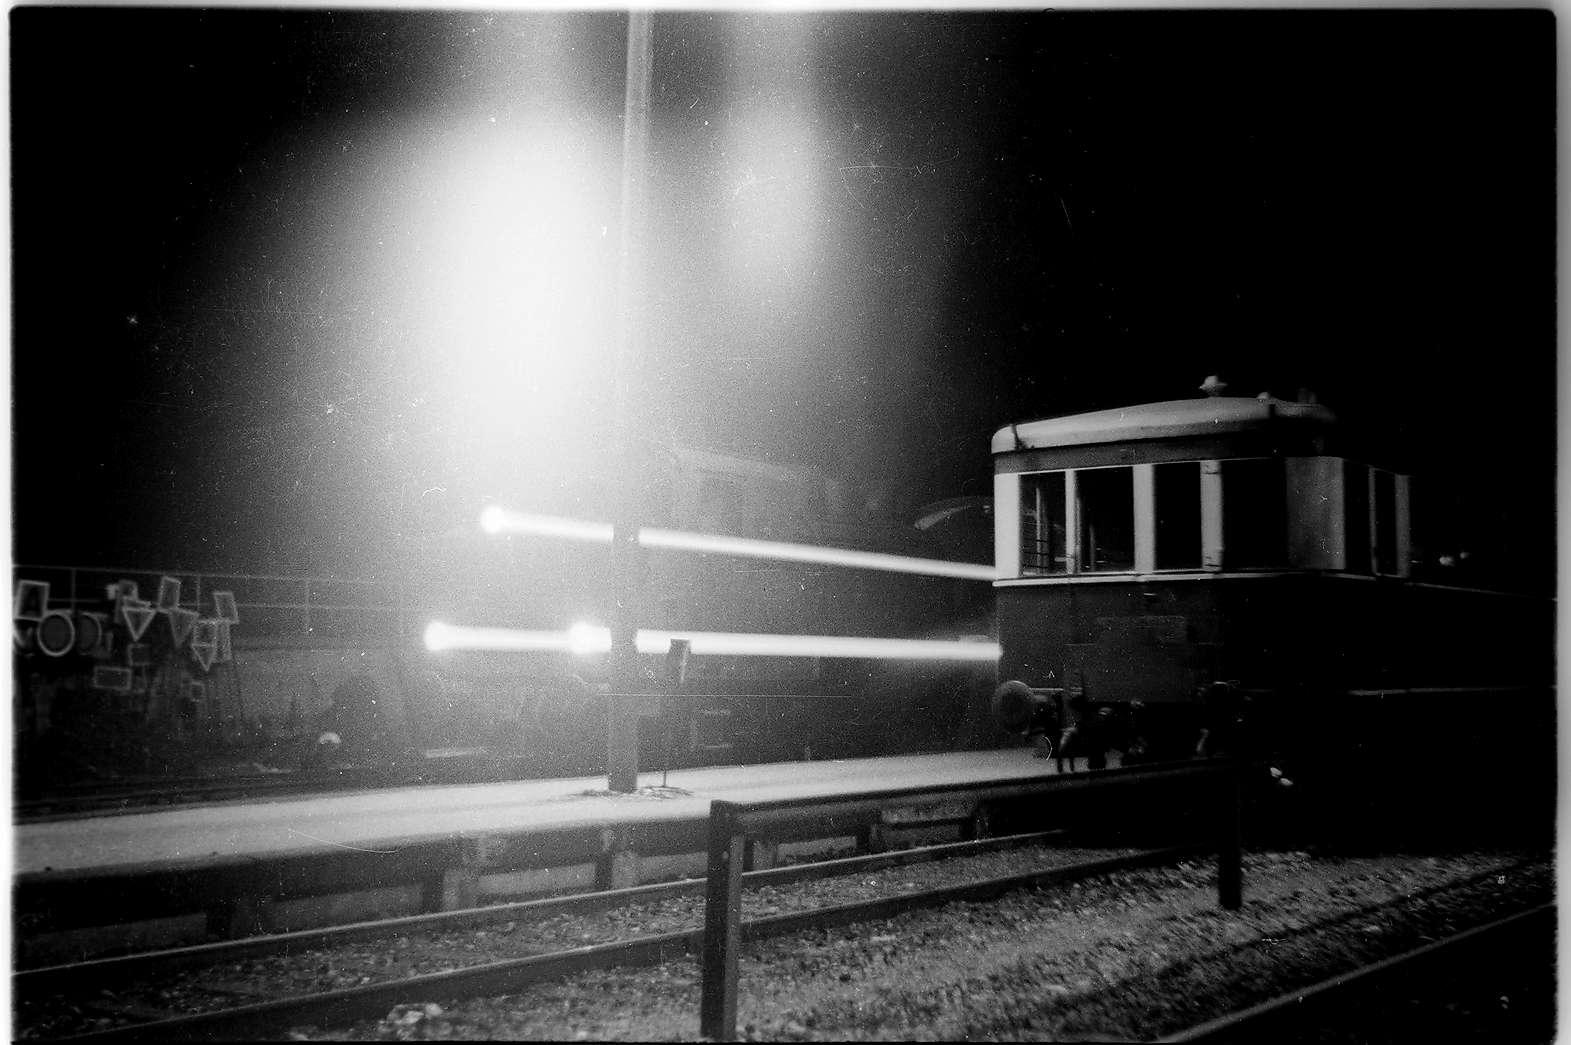 Lok 16, Zug 298, Gammertingen, Nachtaufnahme mit Stativ, Kleinbildkamera Dacora-dignette, Kamerawerk Reutlingen, Bild 1